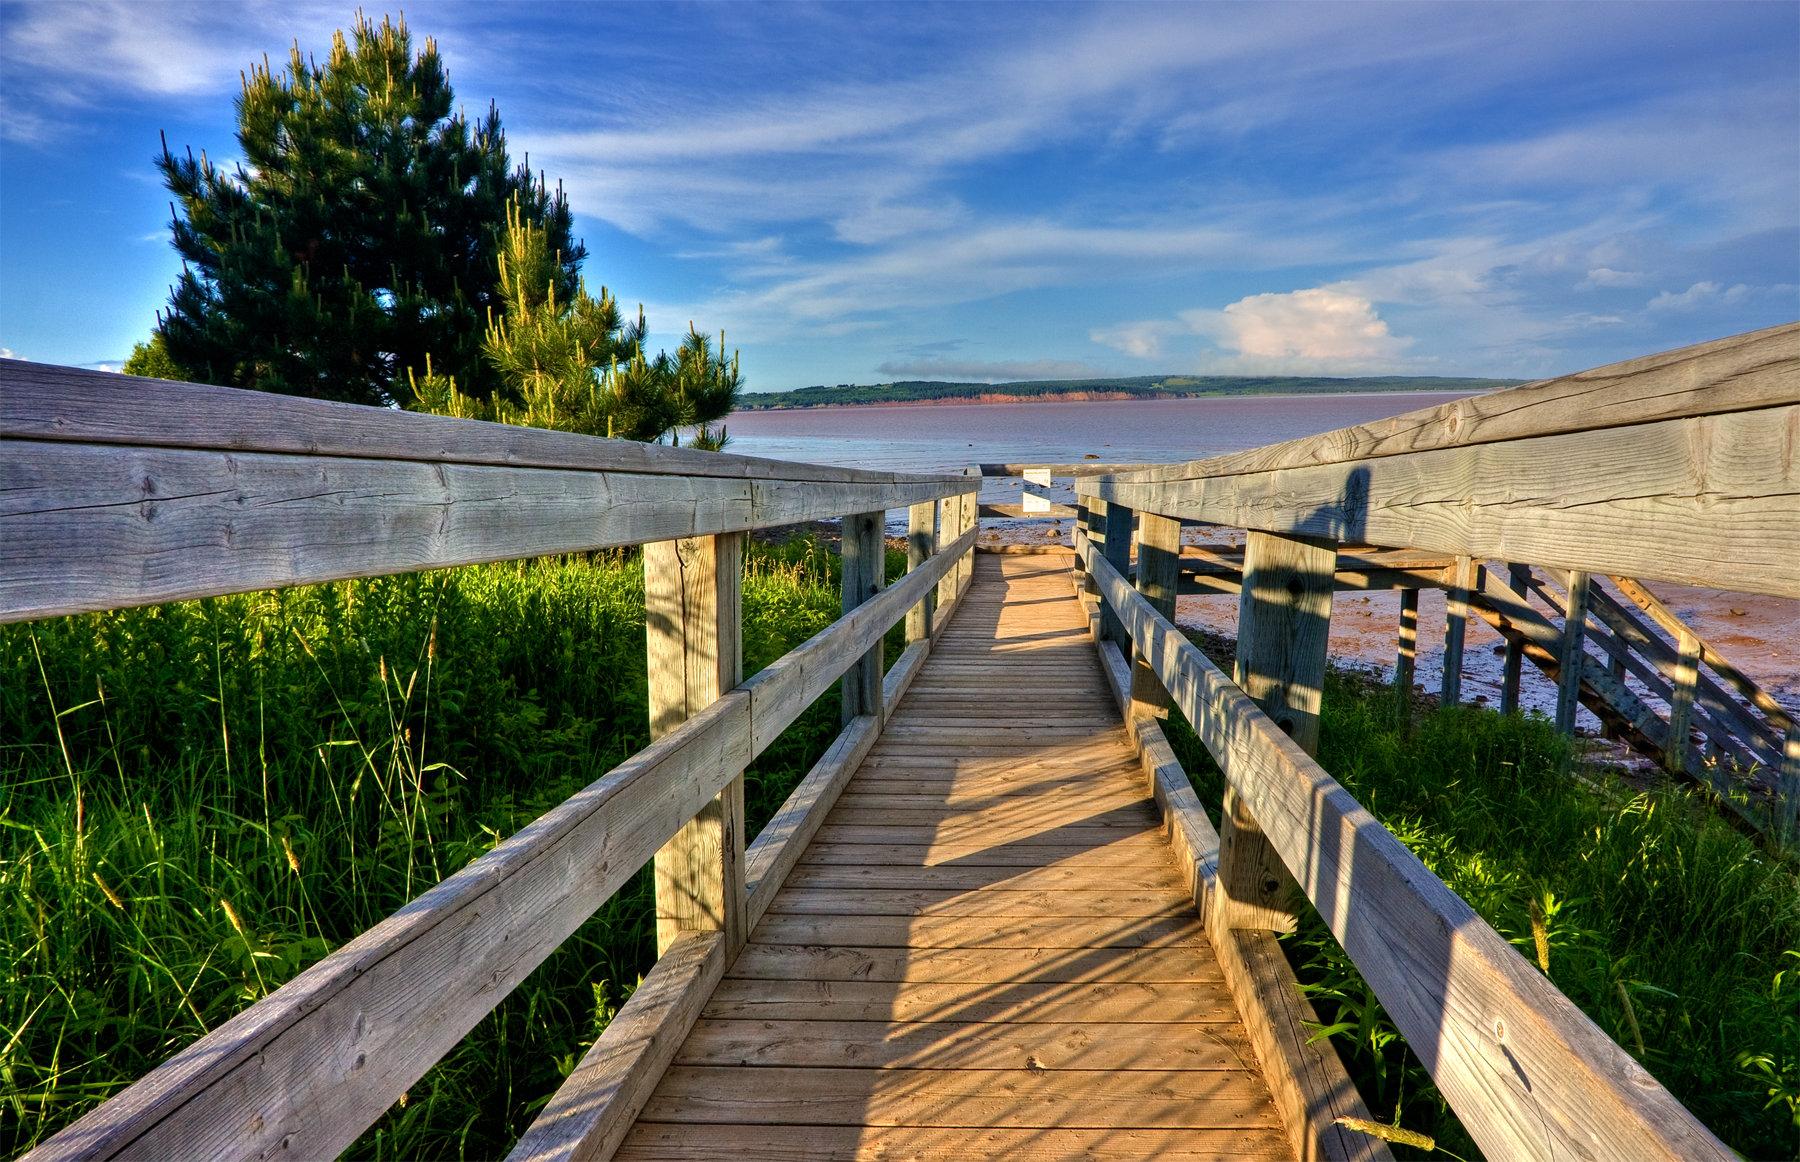 Hopewell beach boardwalk - hdr photo